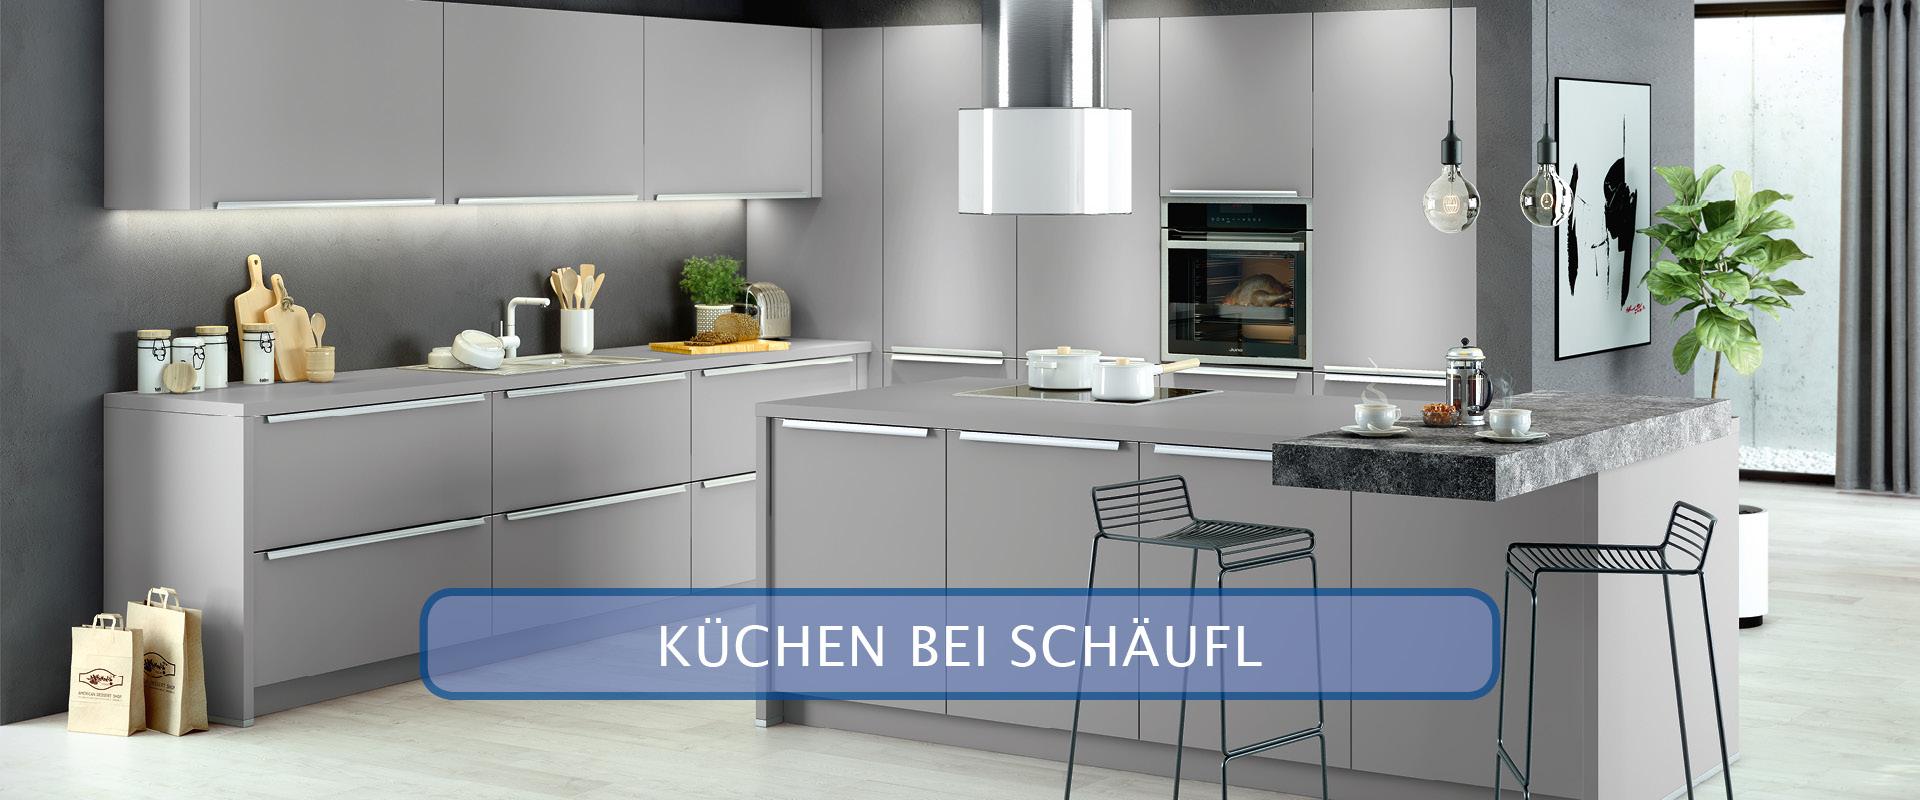 Full Size of Kchenstudio Mbel Schufl Kchenideen Entdecken Wohnzimmer Küchenideen